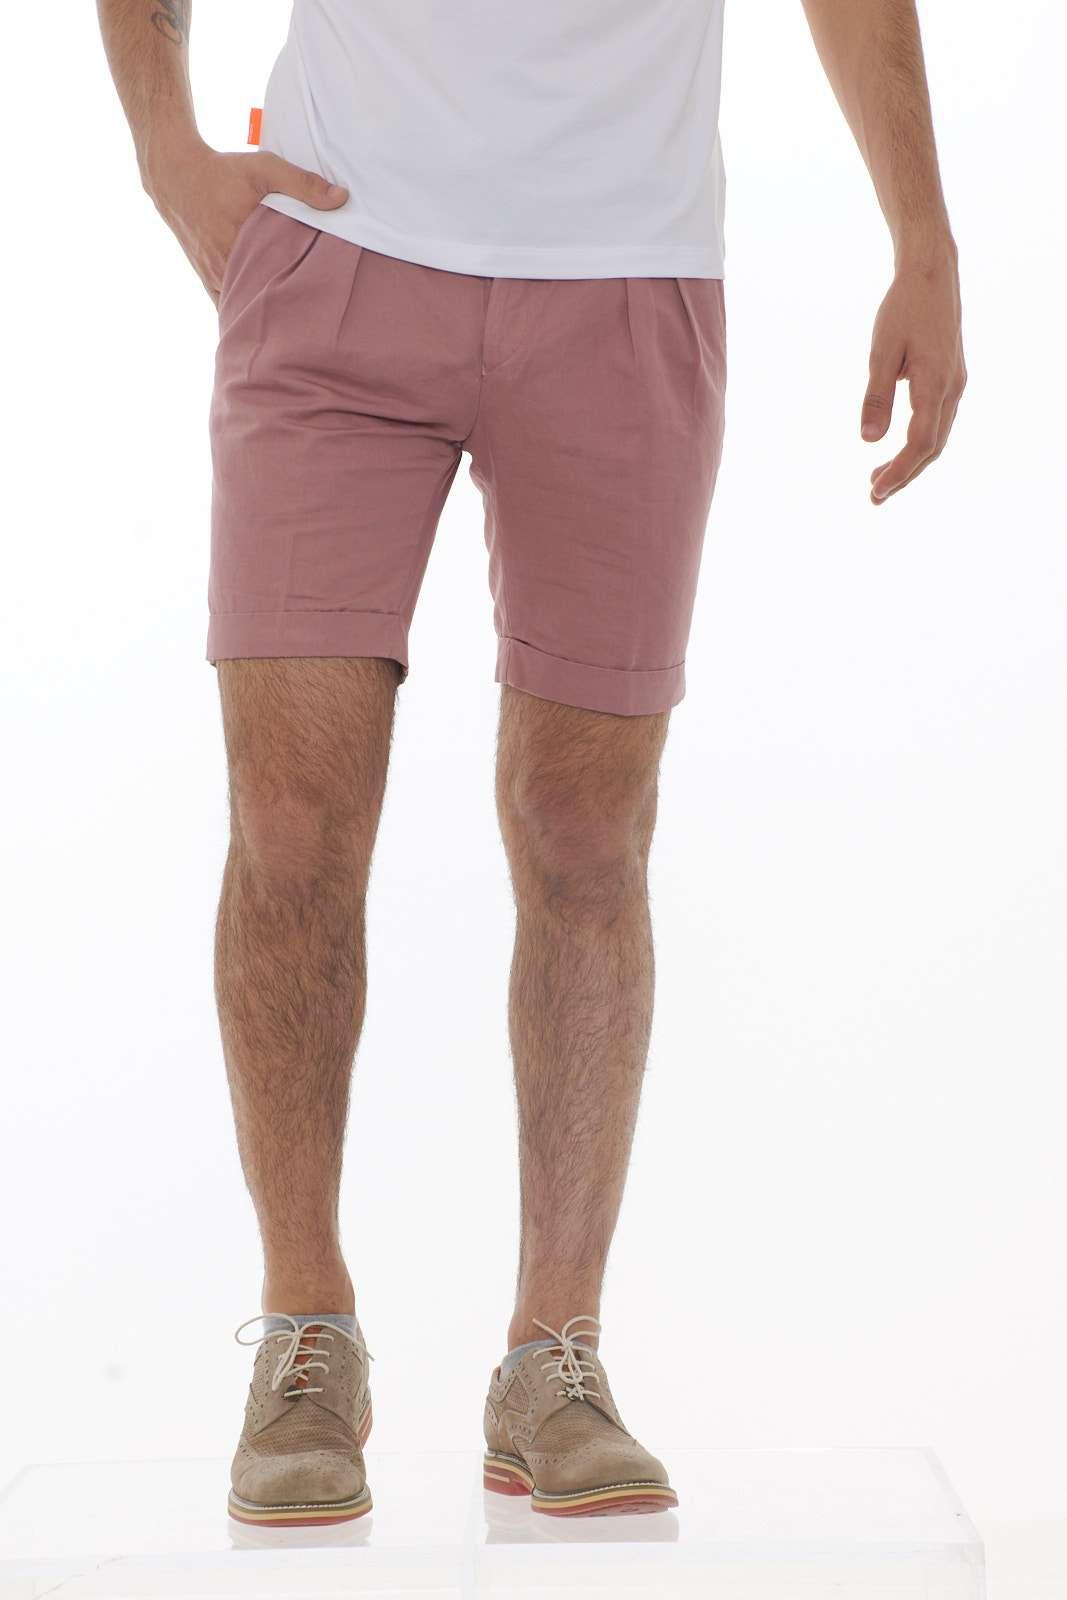 Il bermuda Michael Coal dal taglio glamour, adatto per tutti i giorni o anche con camicia più elegante.